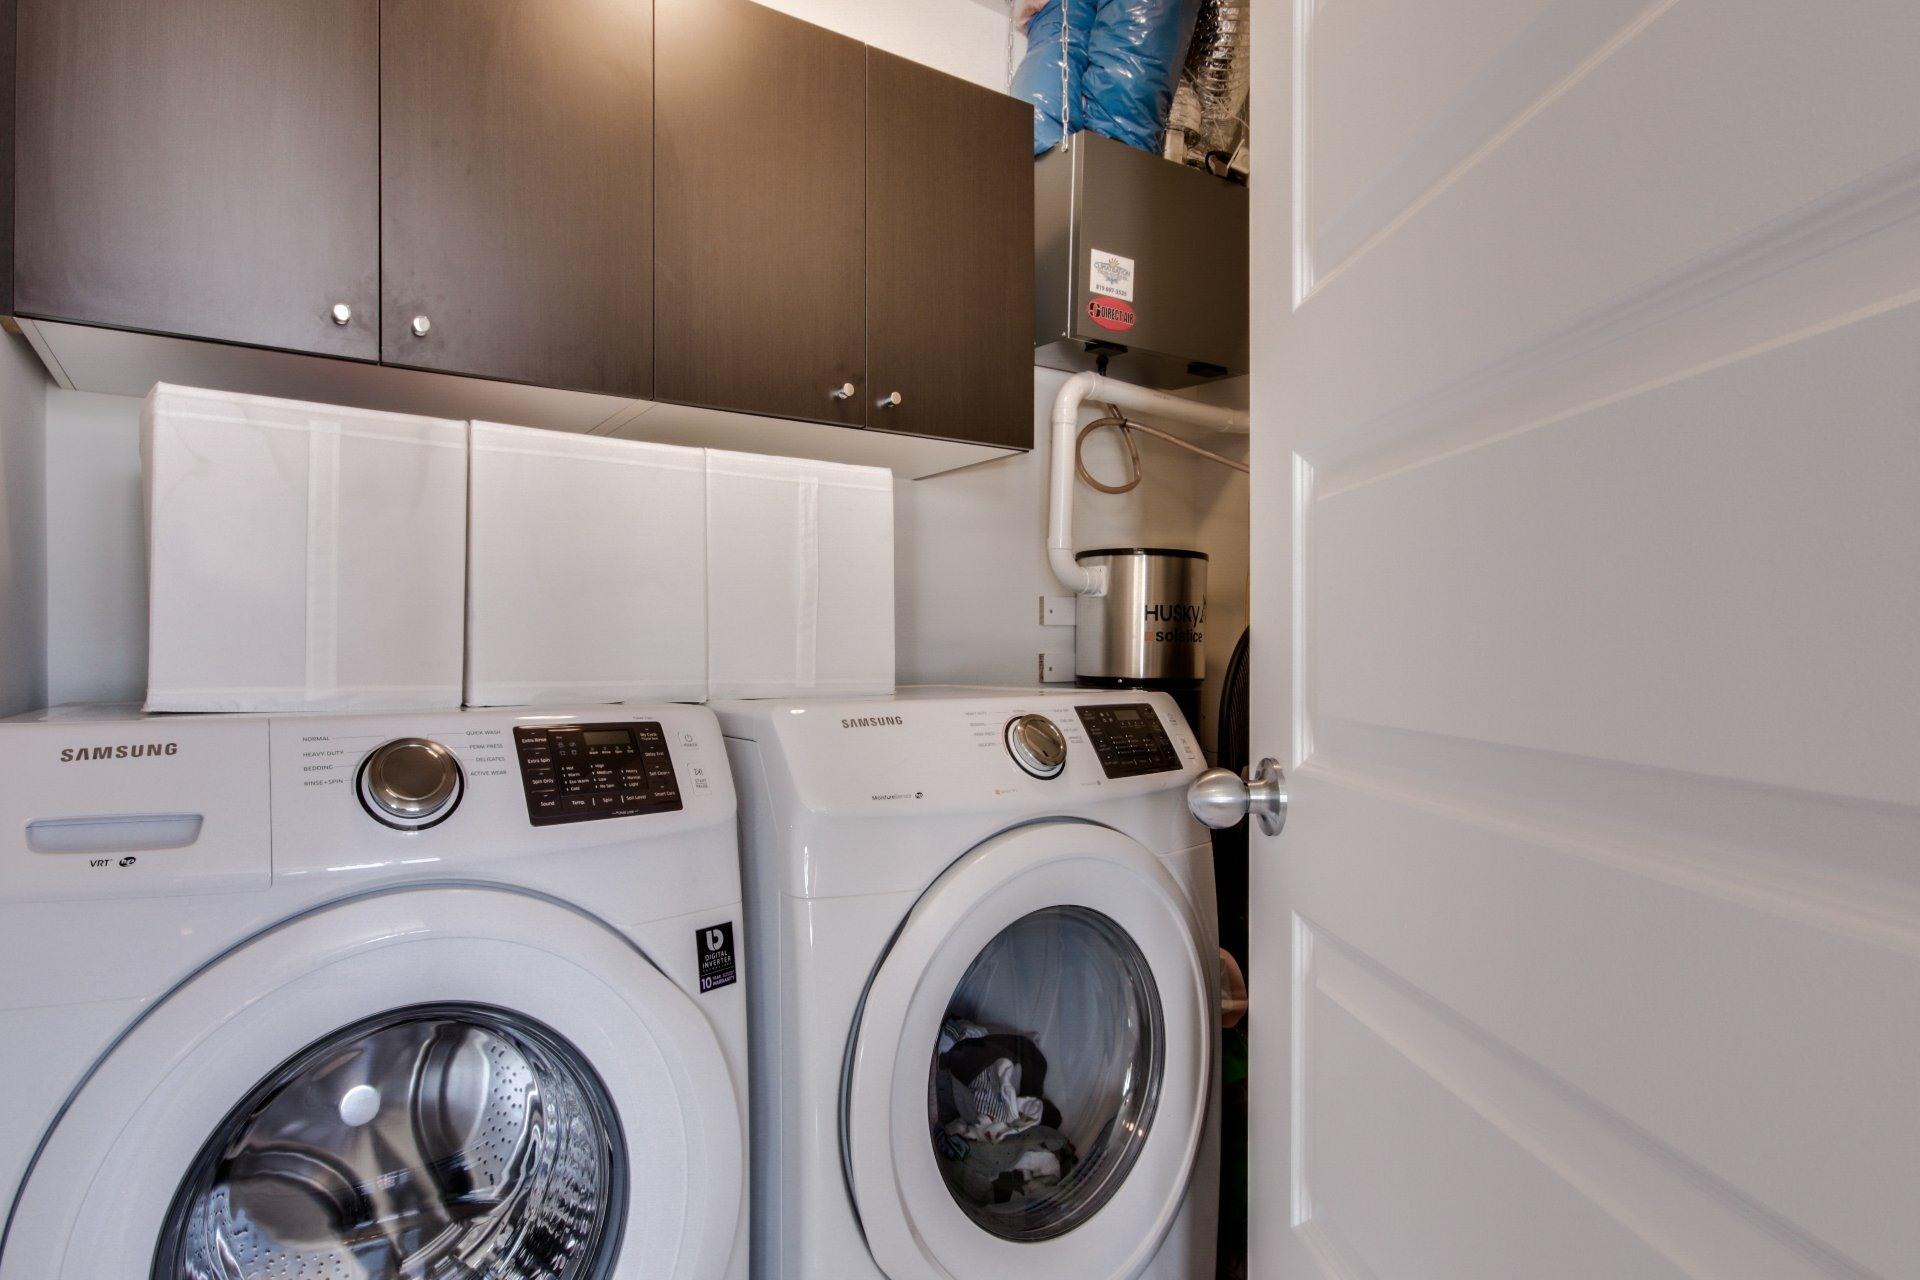 image 23 - Apartment For sale Trois-Rivières - 6 rooms